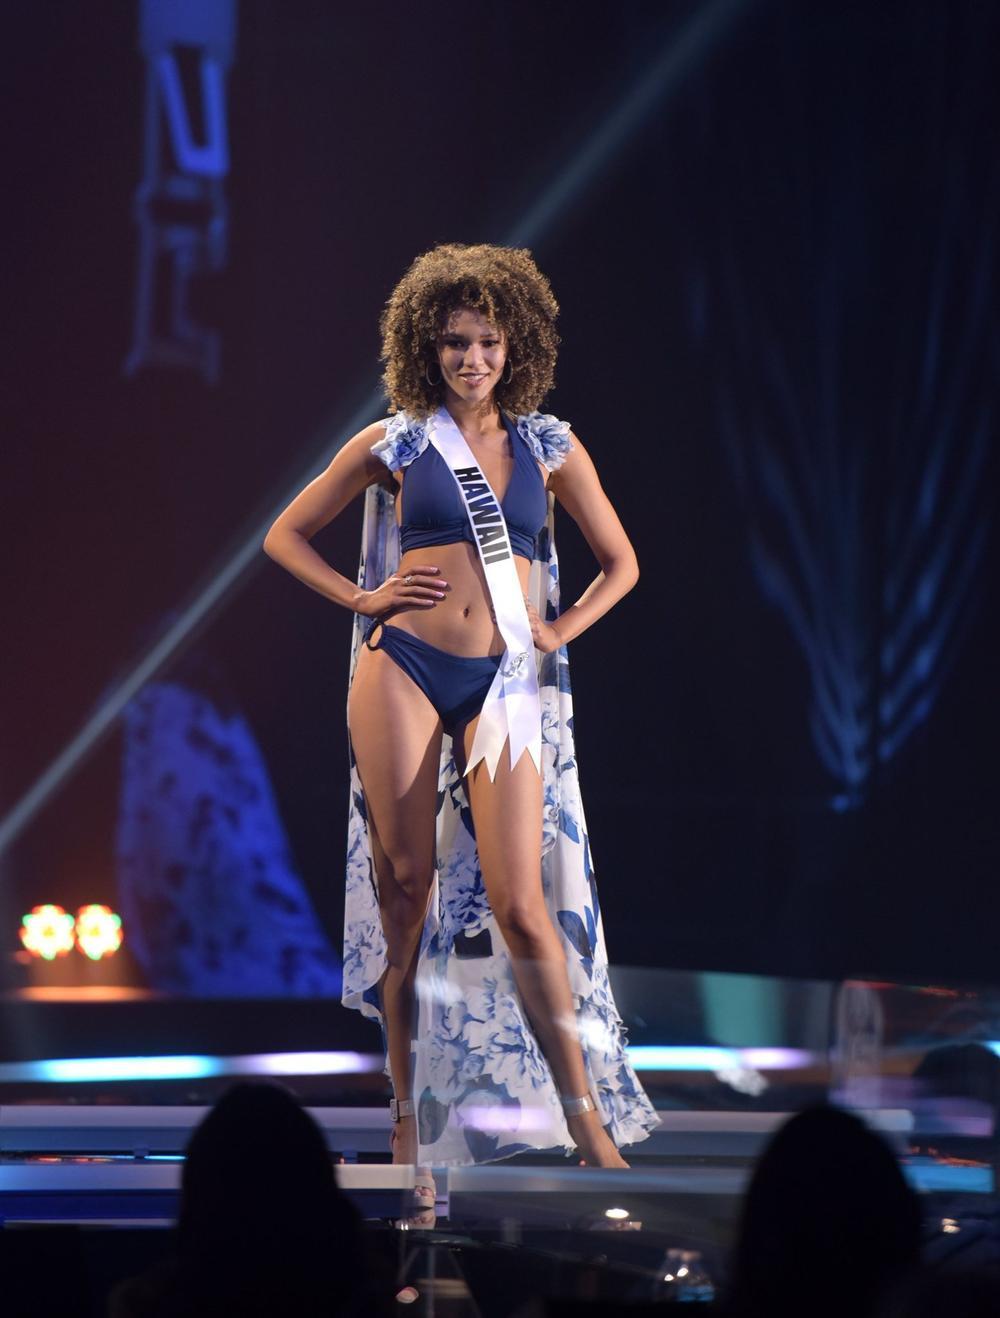 Thí sinh Miss USA mặc lạc quẻ giống Kiều Loan, đạo nhái váy Hoàng Thùy trong phần thi dạ hội Ảnh 3